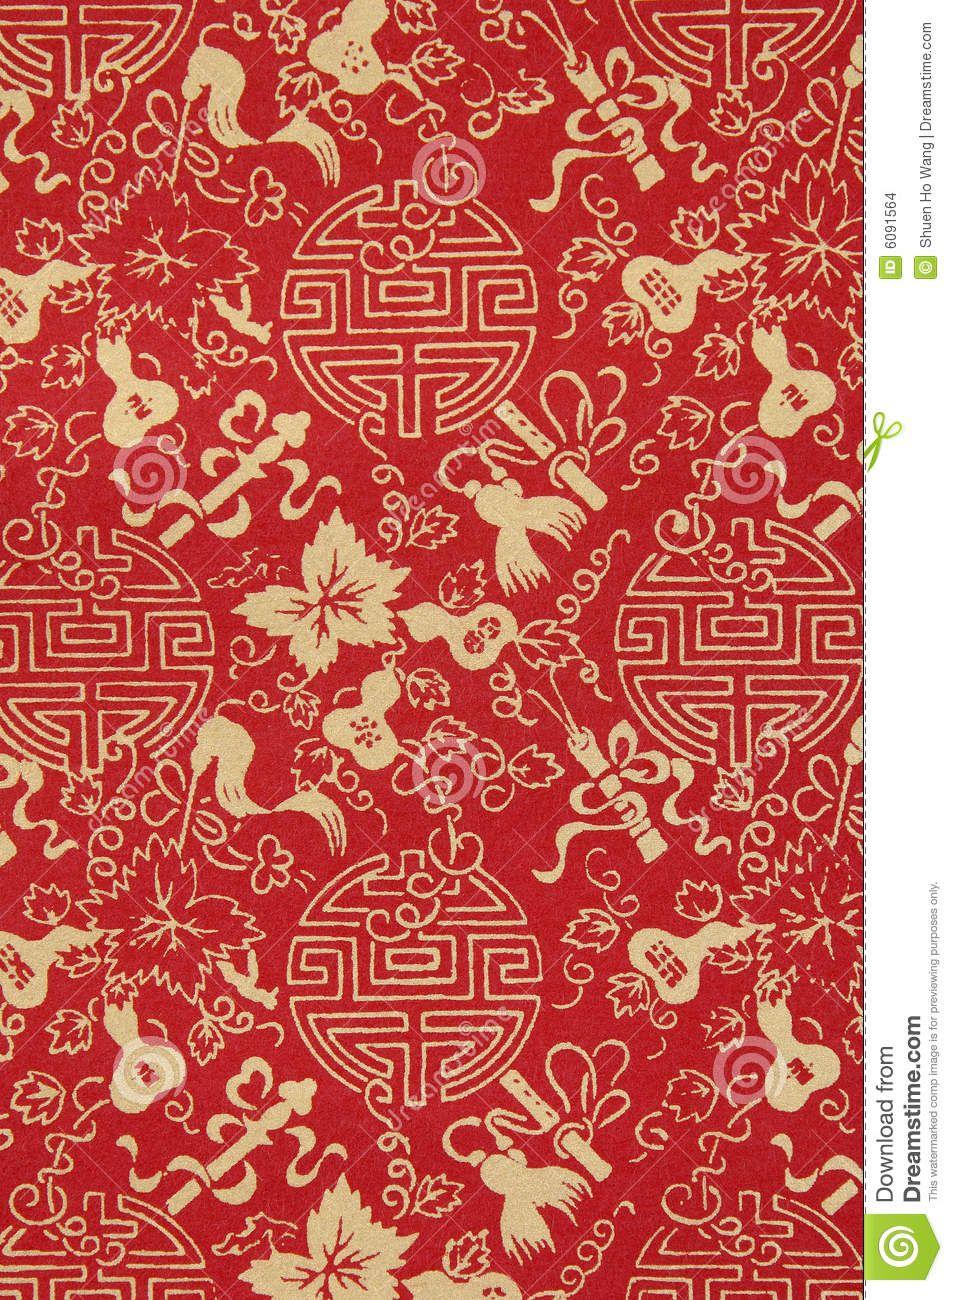 Chinese fabric patterns - photo#3